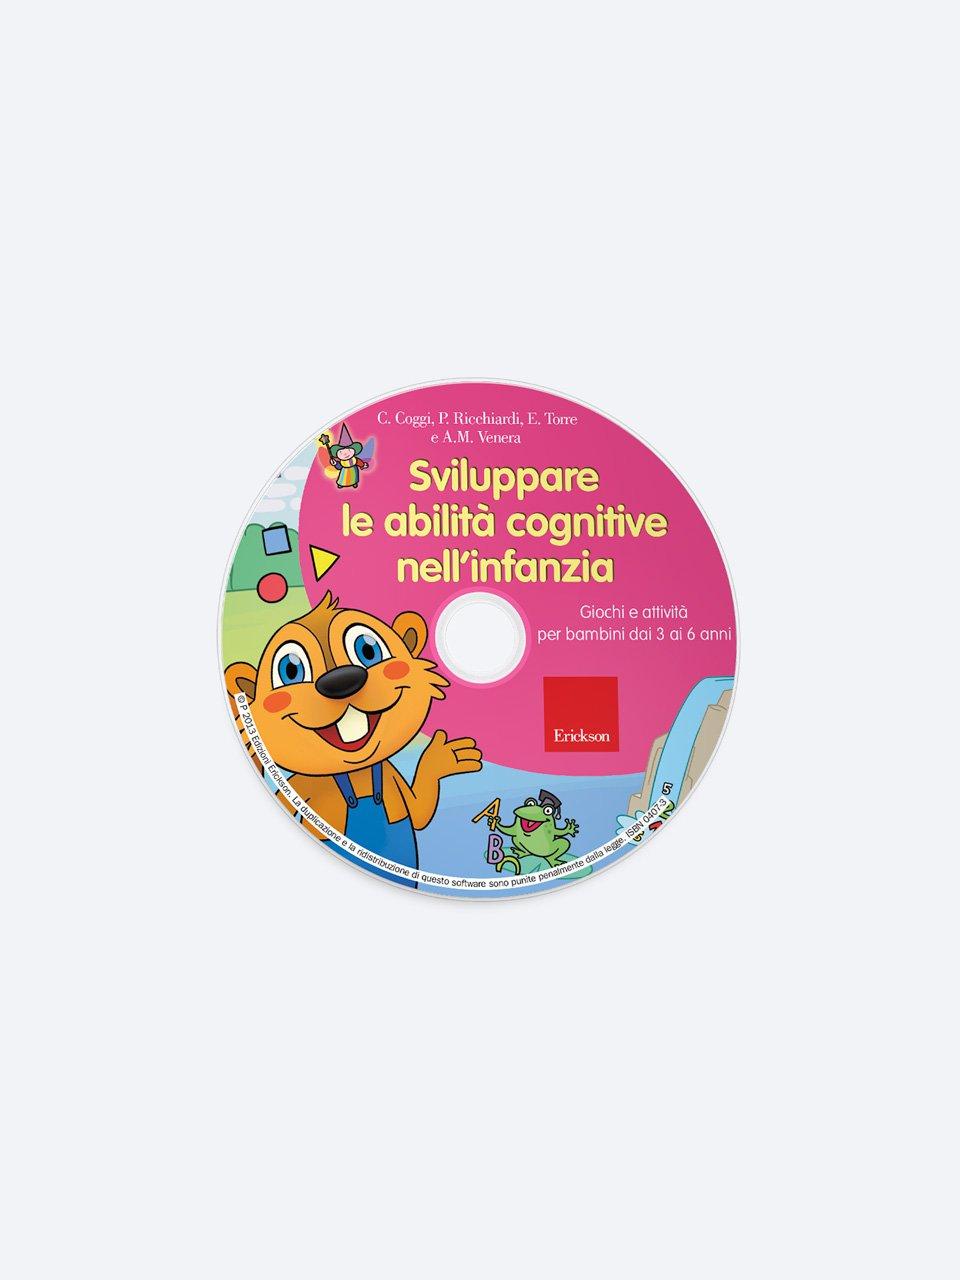 Sviluppare le abilità cognitive nell'infanzia - Pico si è perso! - App e software - Erickson